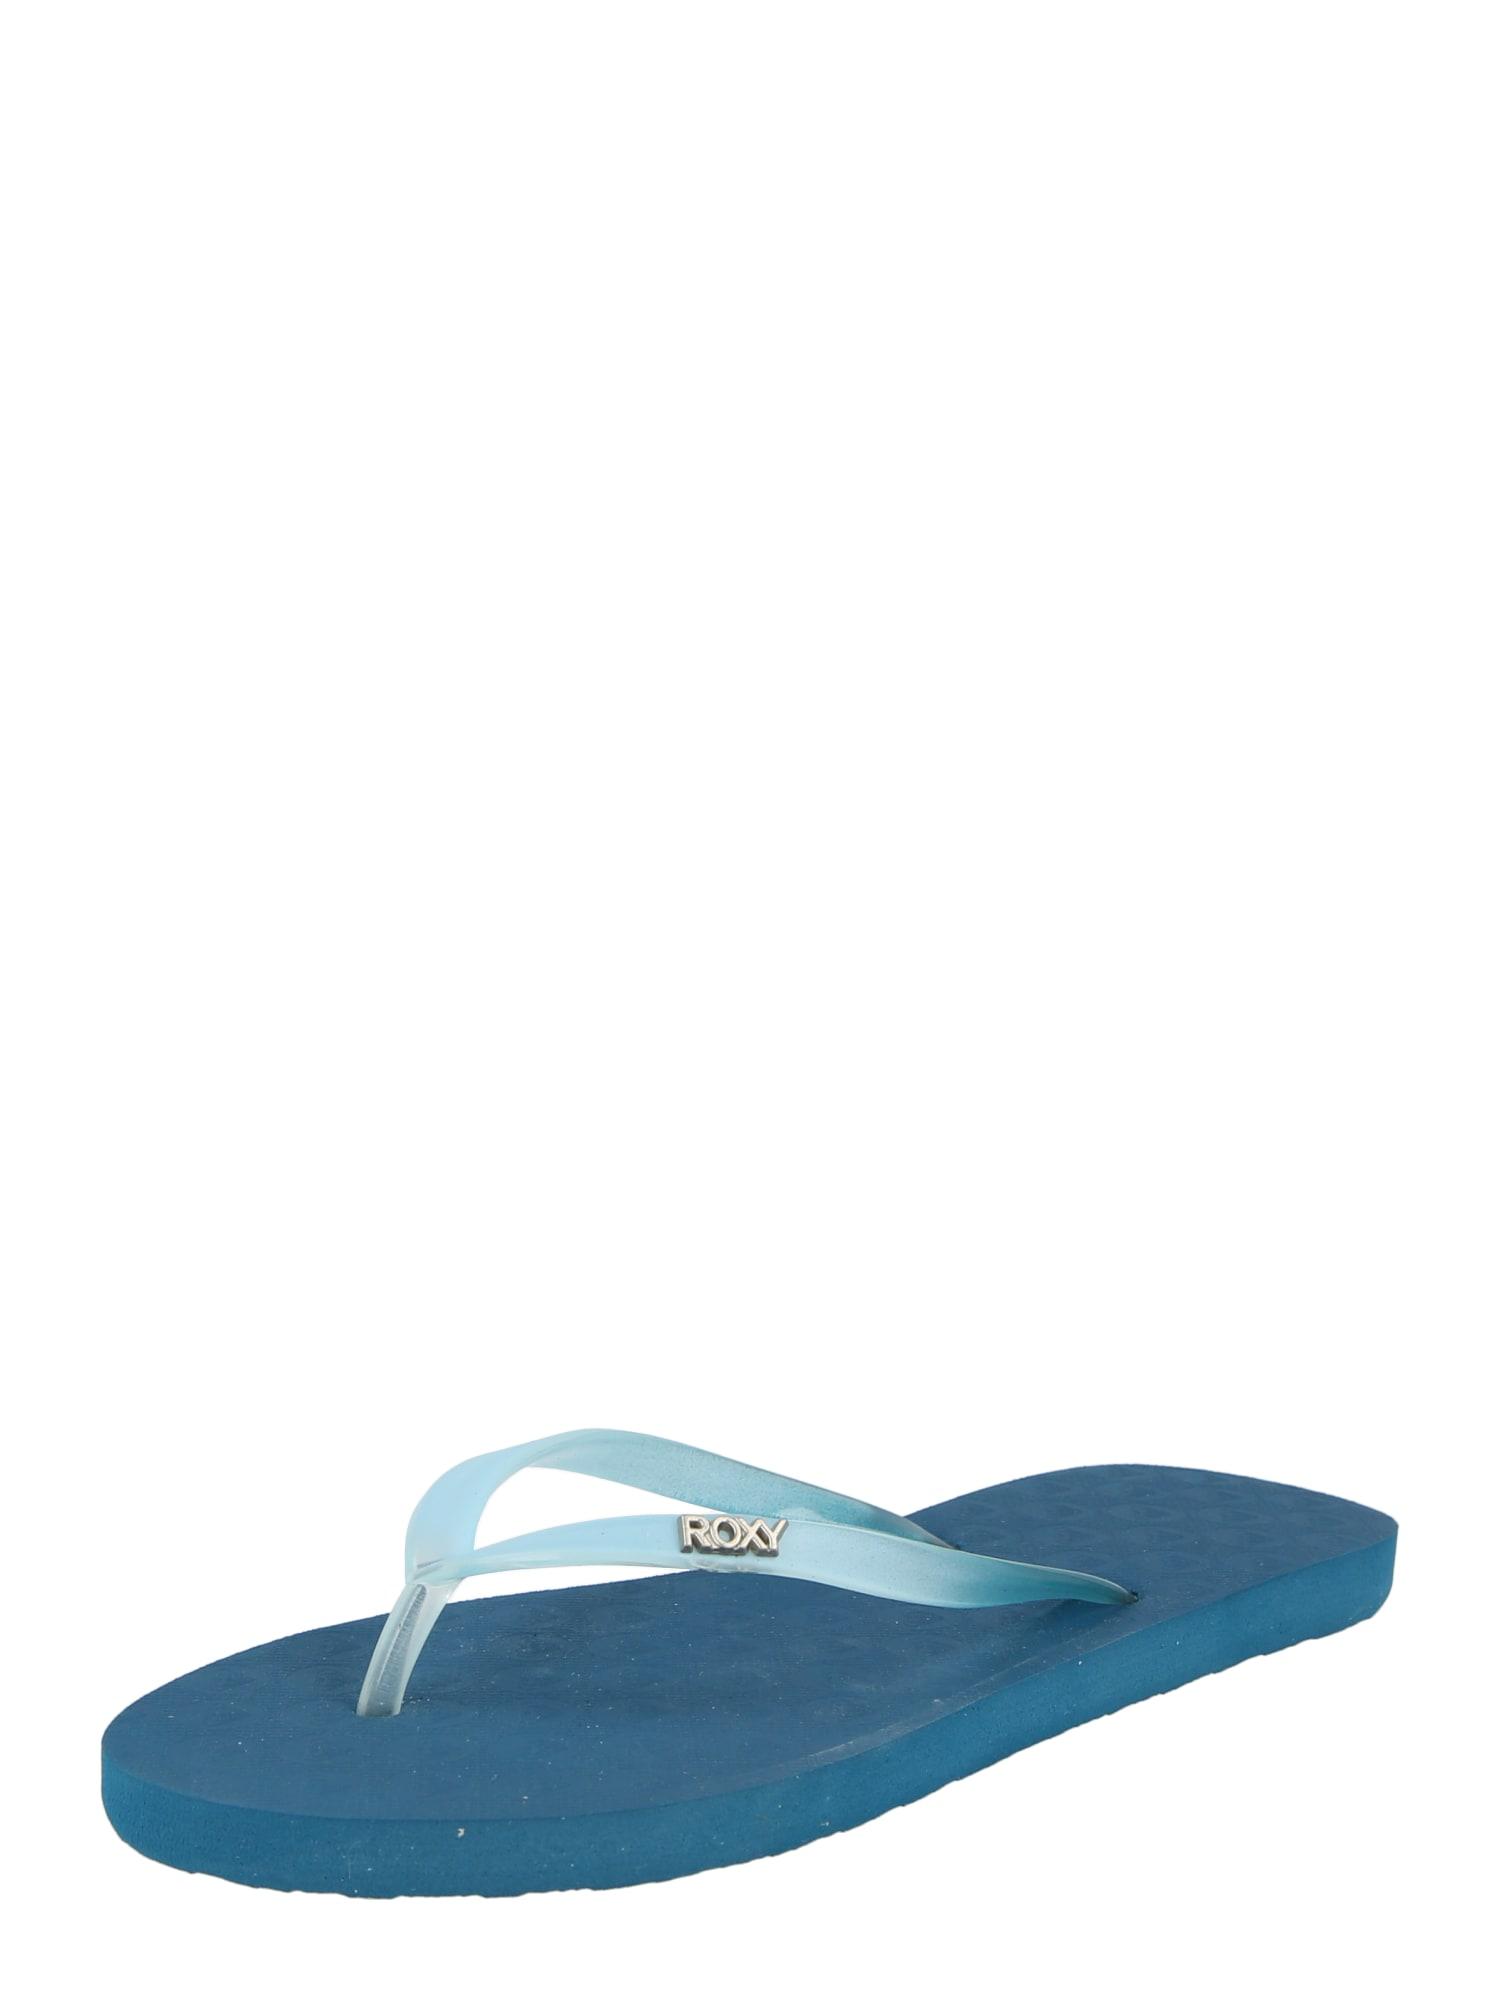 ROXY Séparateur d'orteils 'VIVA'  - Bleu - Taille: 9 - female